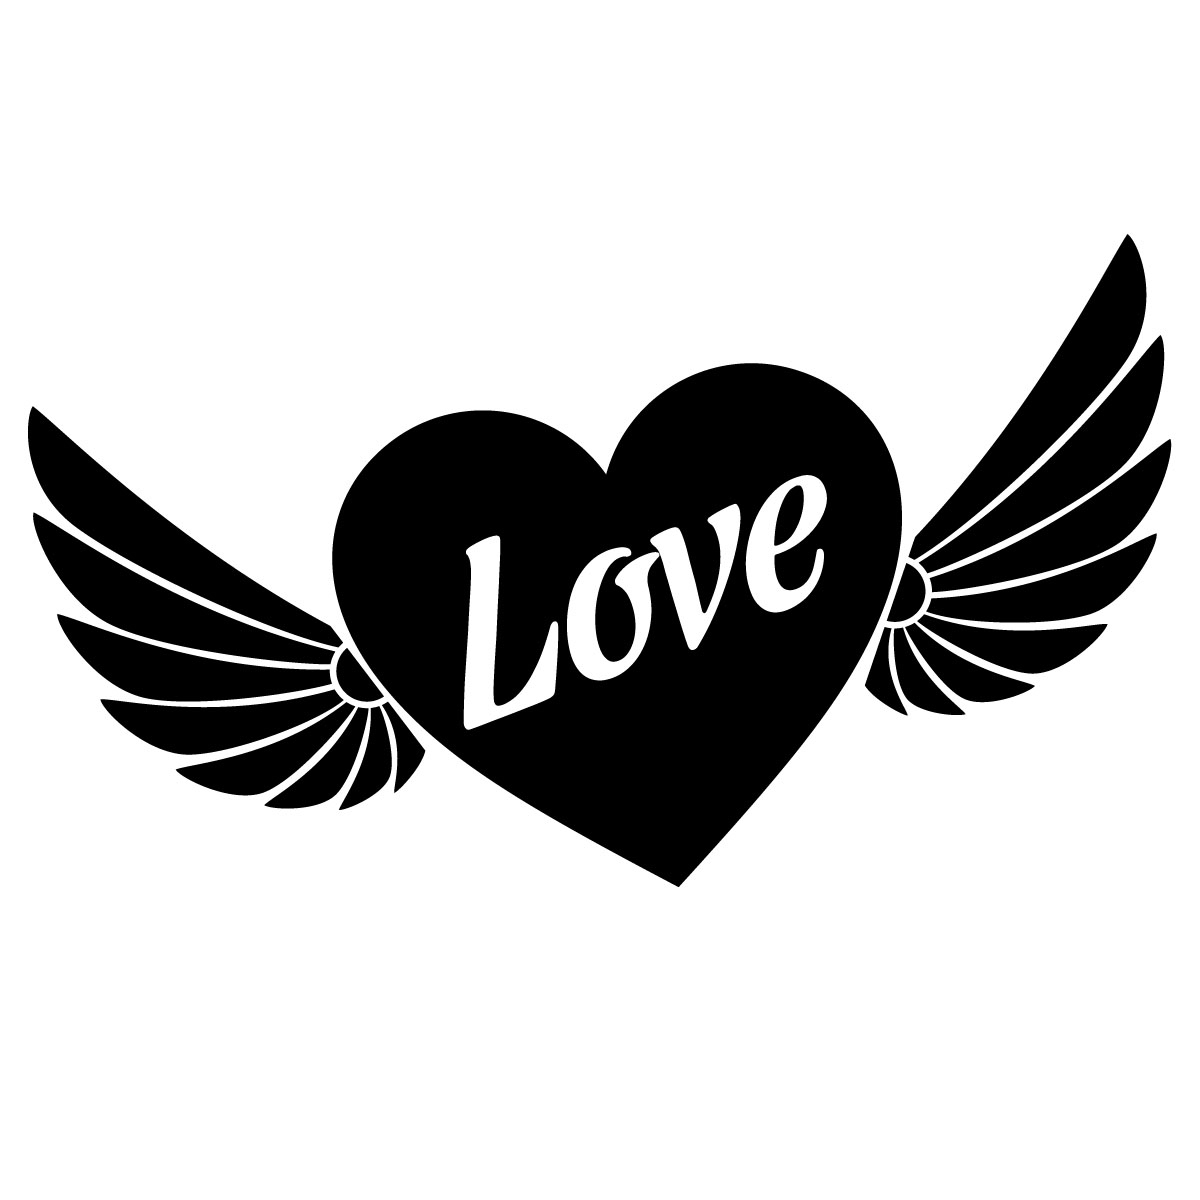 Sticker Coeur Avec Ailes - Stickers Stickers Fêtes intérieur Dessin De Nounours Avec Un Coeur